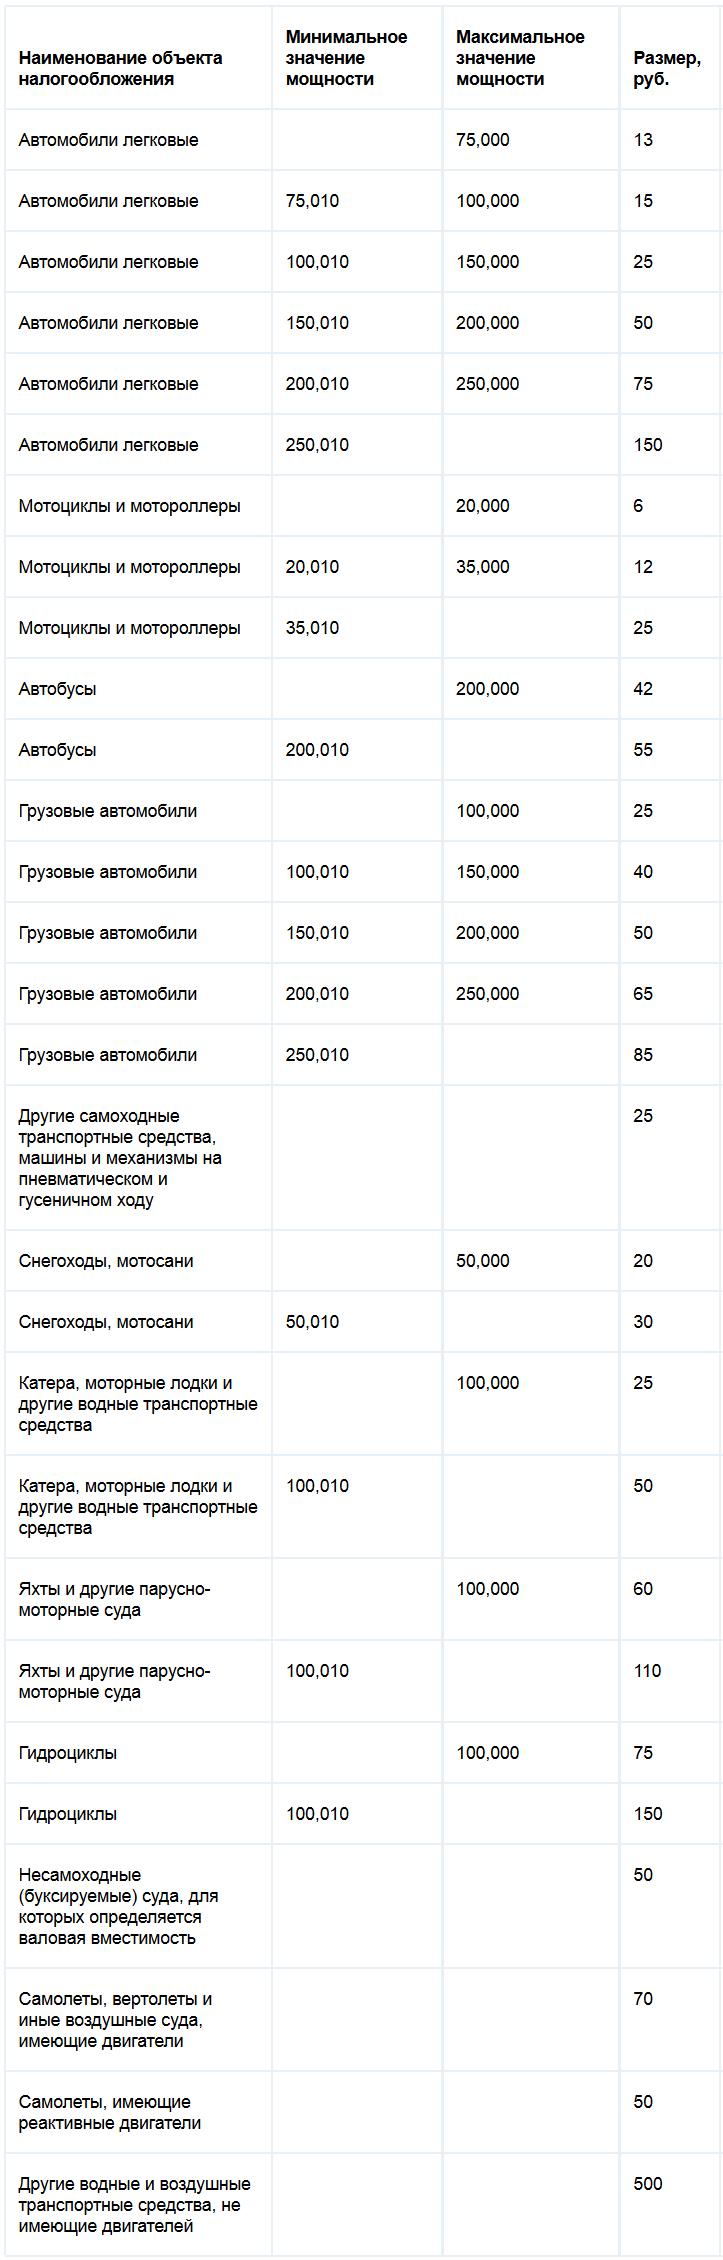 Что за прибавки получили пенсионеры в августе